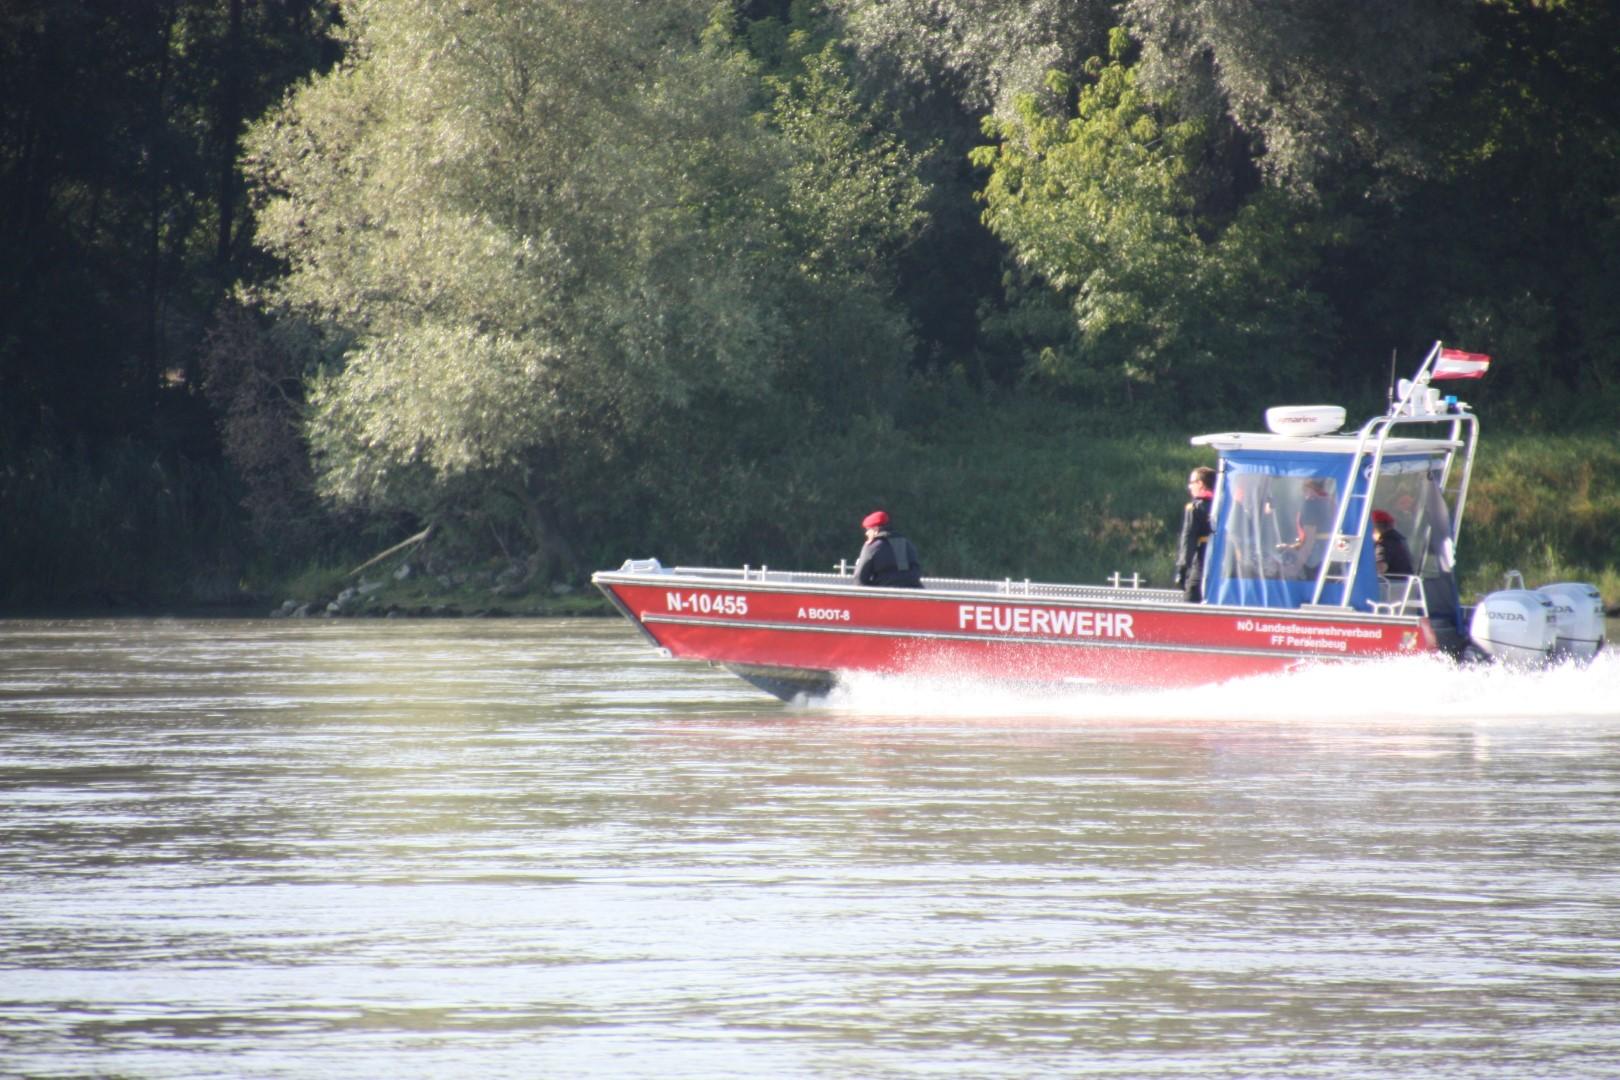 Ausbildungsprüfung-Feuerwehrboote-in-Bronze-13-Groß